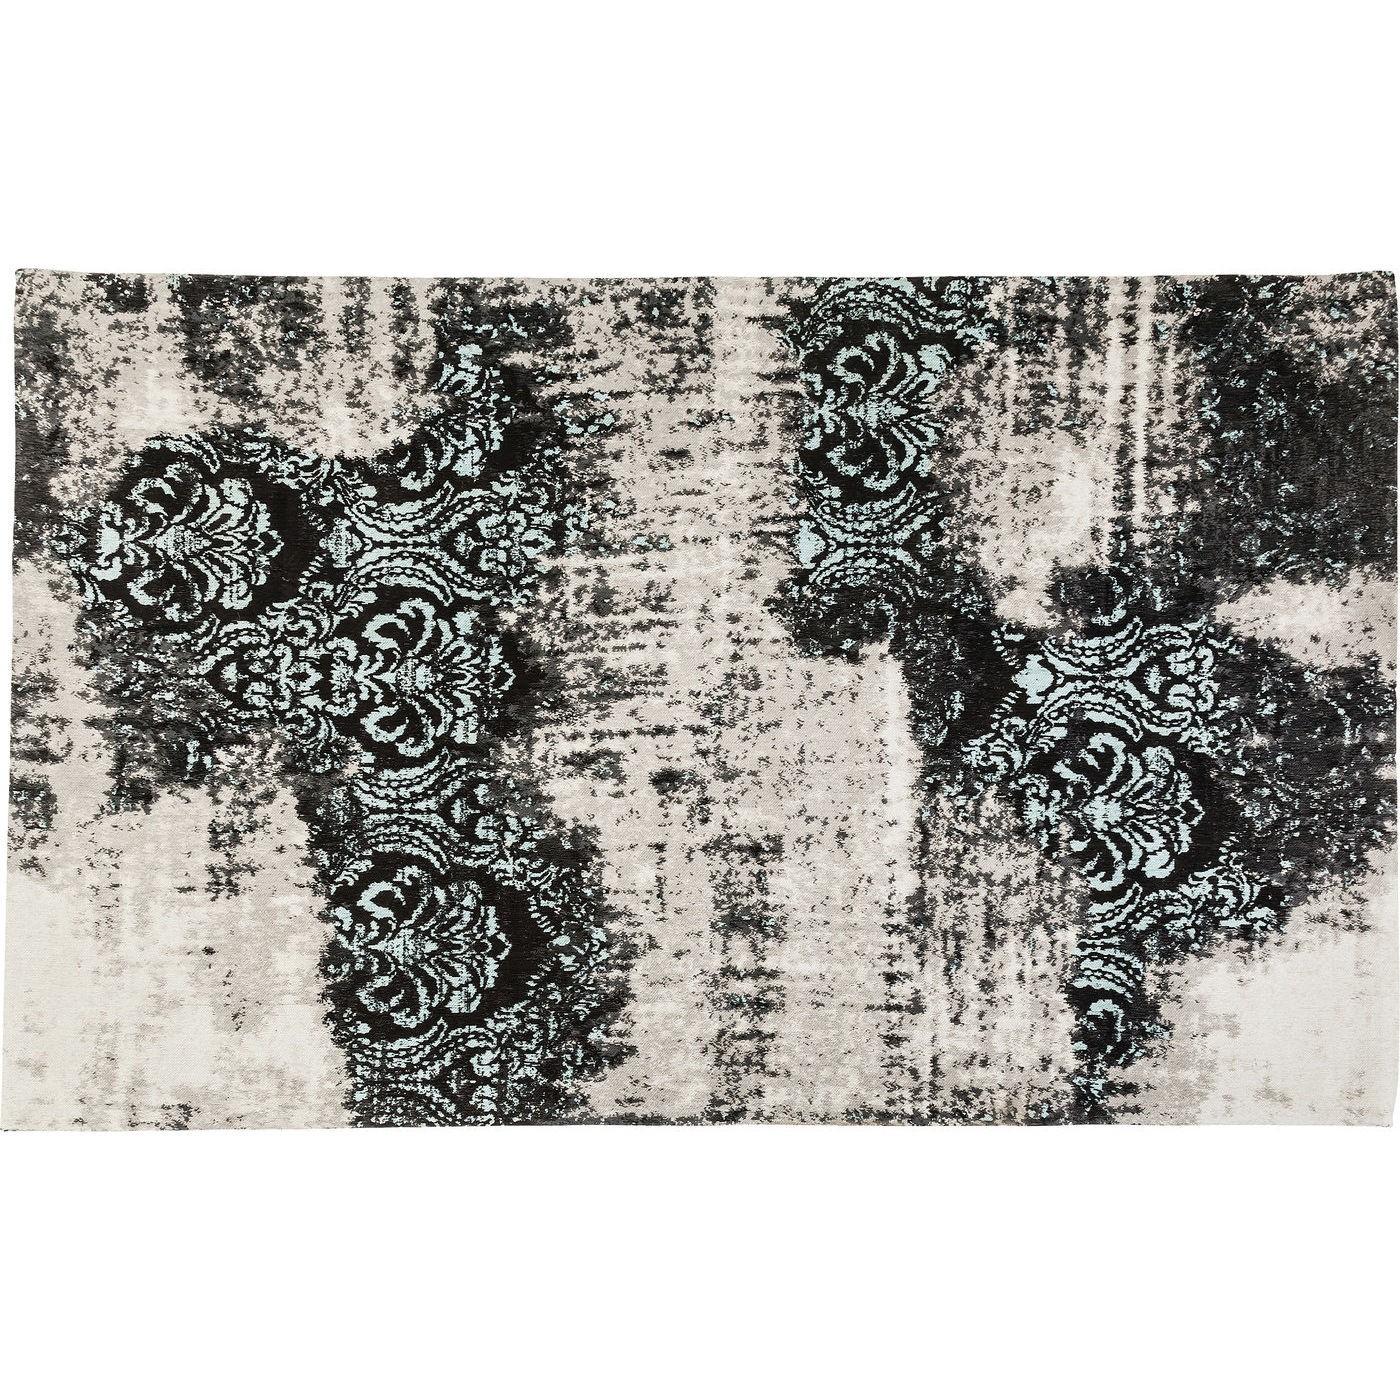 kare design Kare design kelim ornament gulvtæppe - turkis/sort/creme stof (300x200) fra boboonline.dk